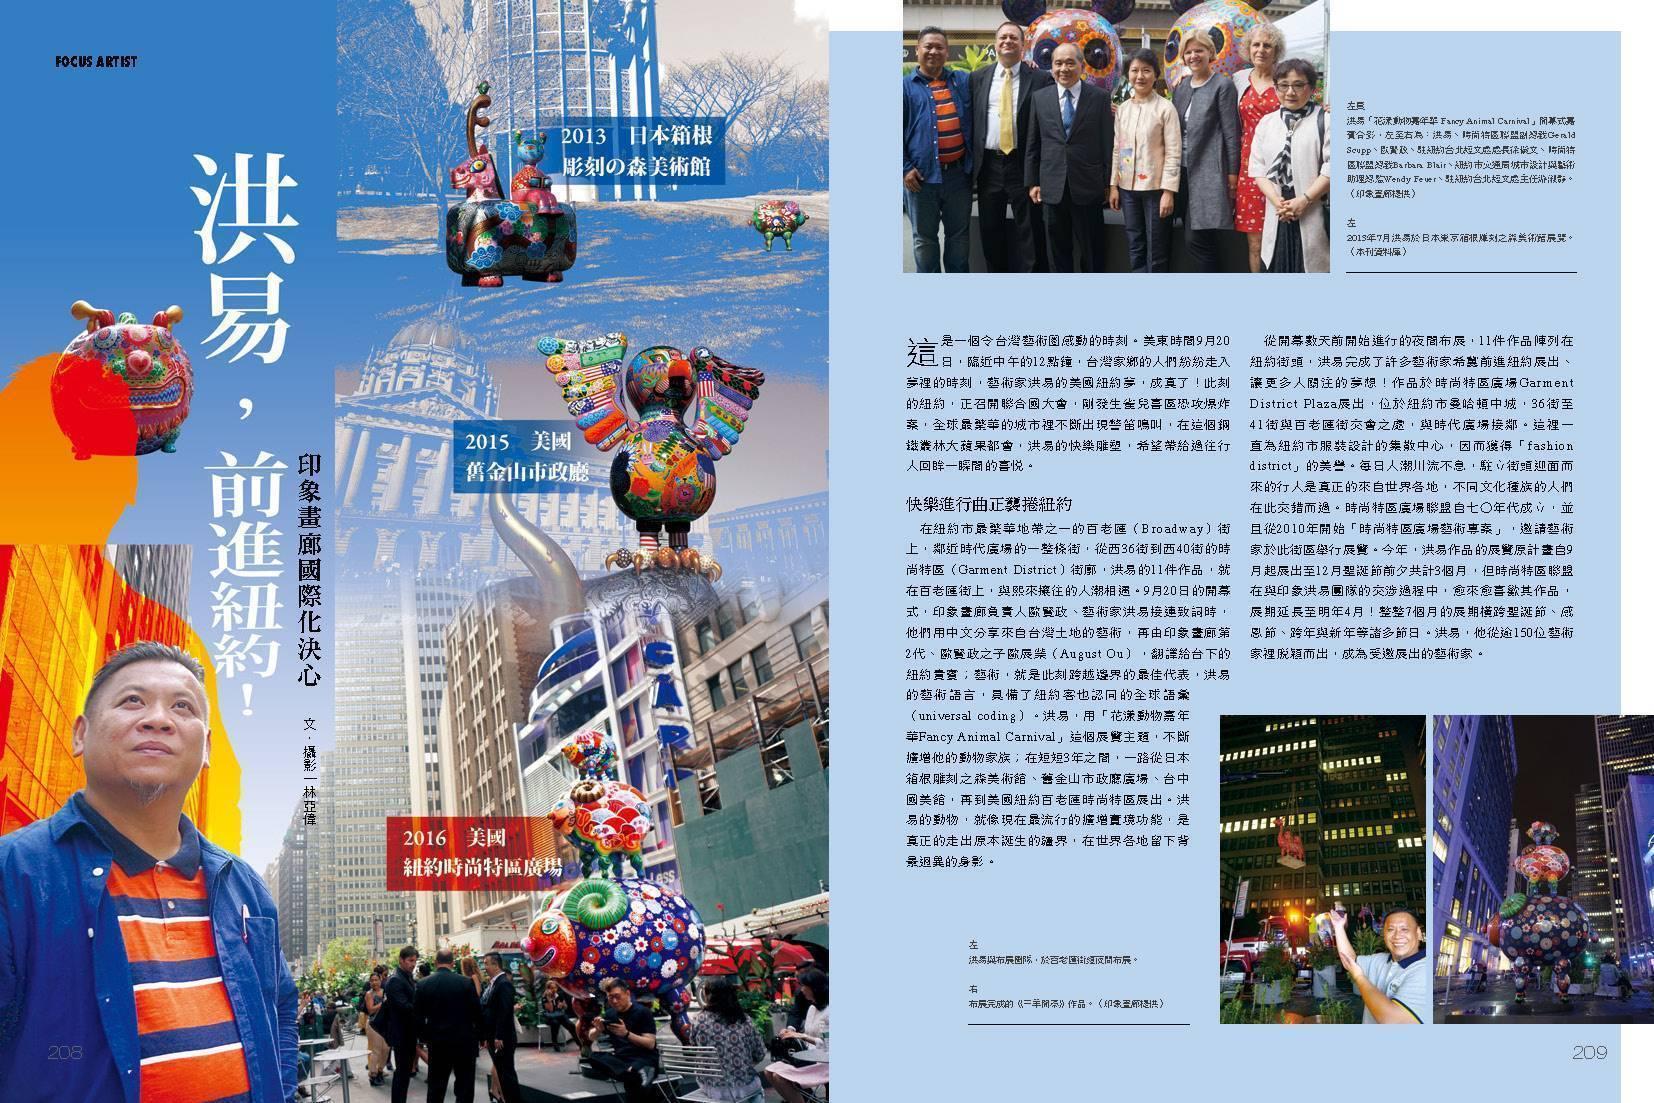 典藏投資No.108 2016年10月號 雜誌內文